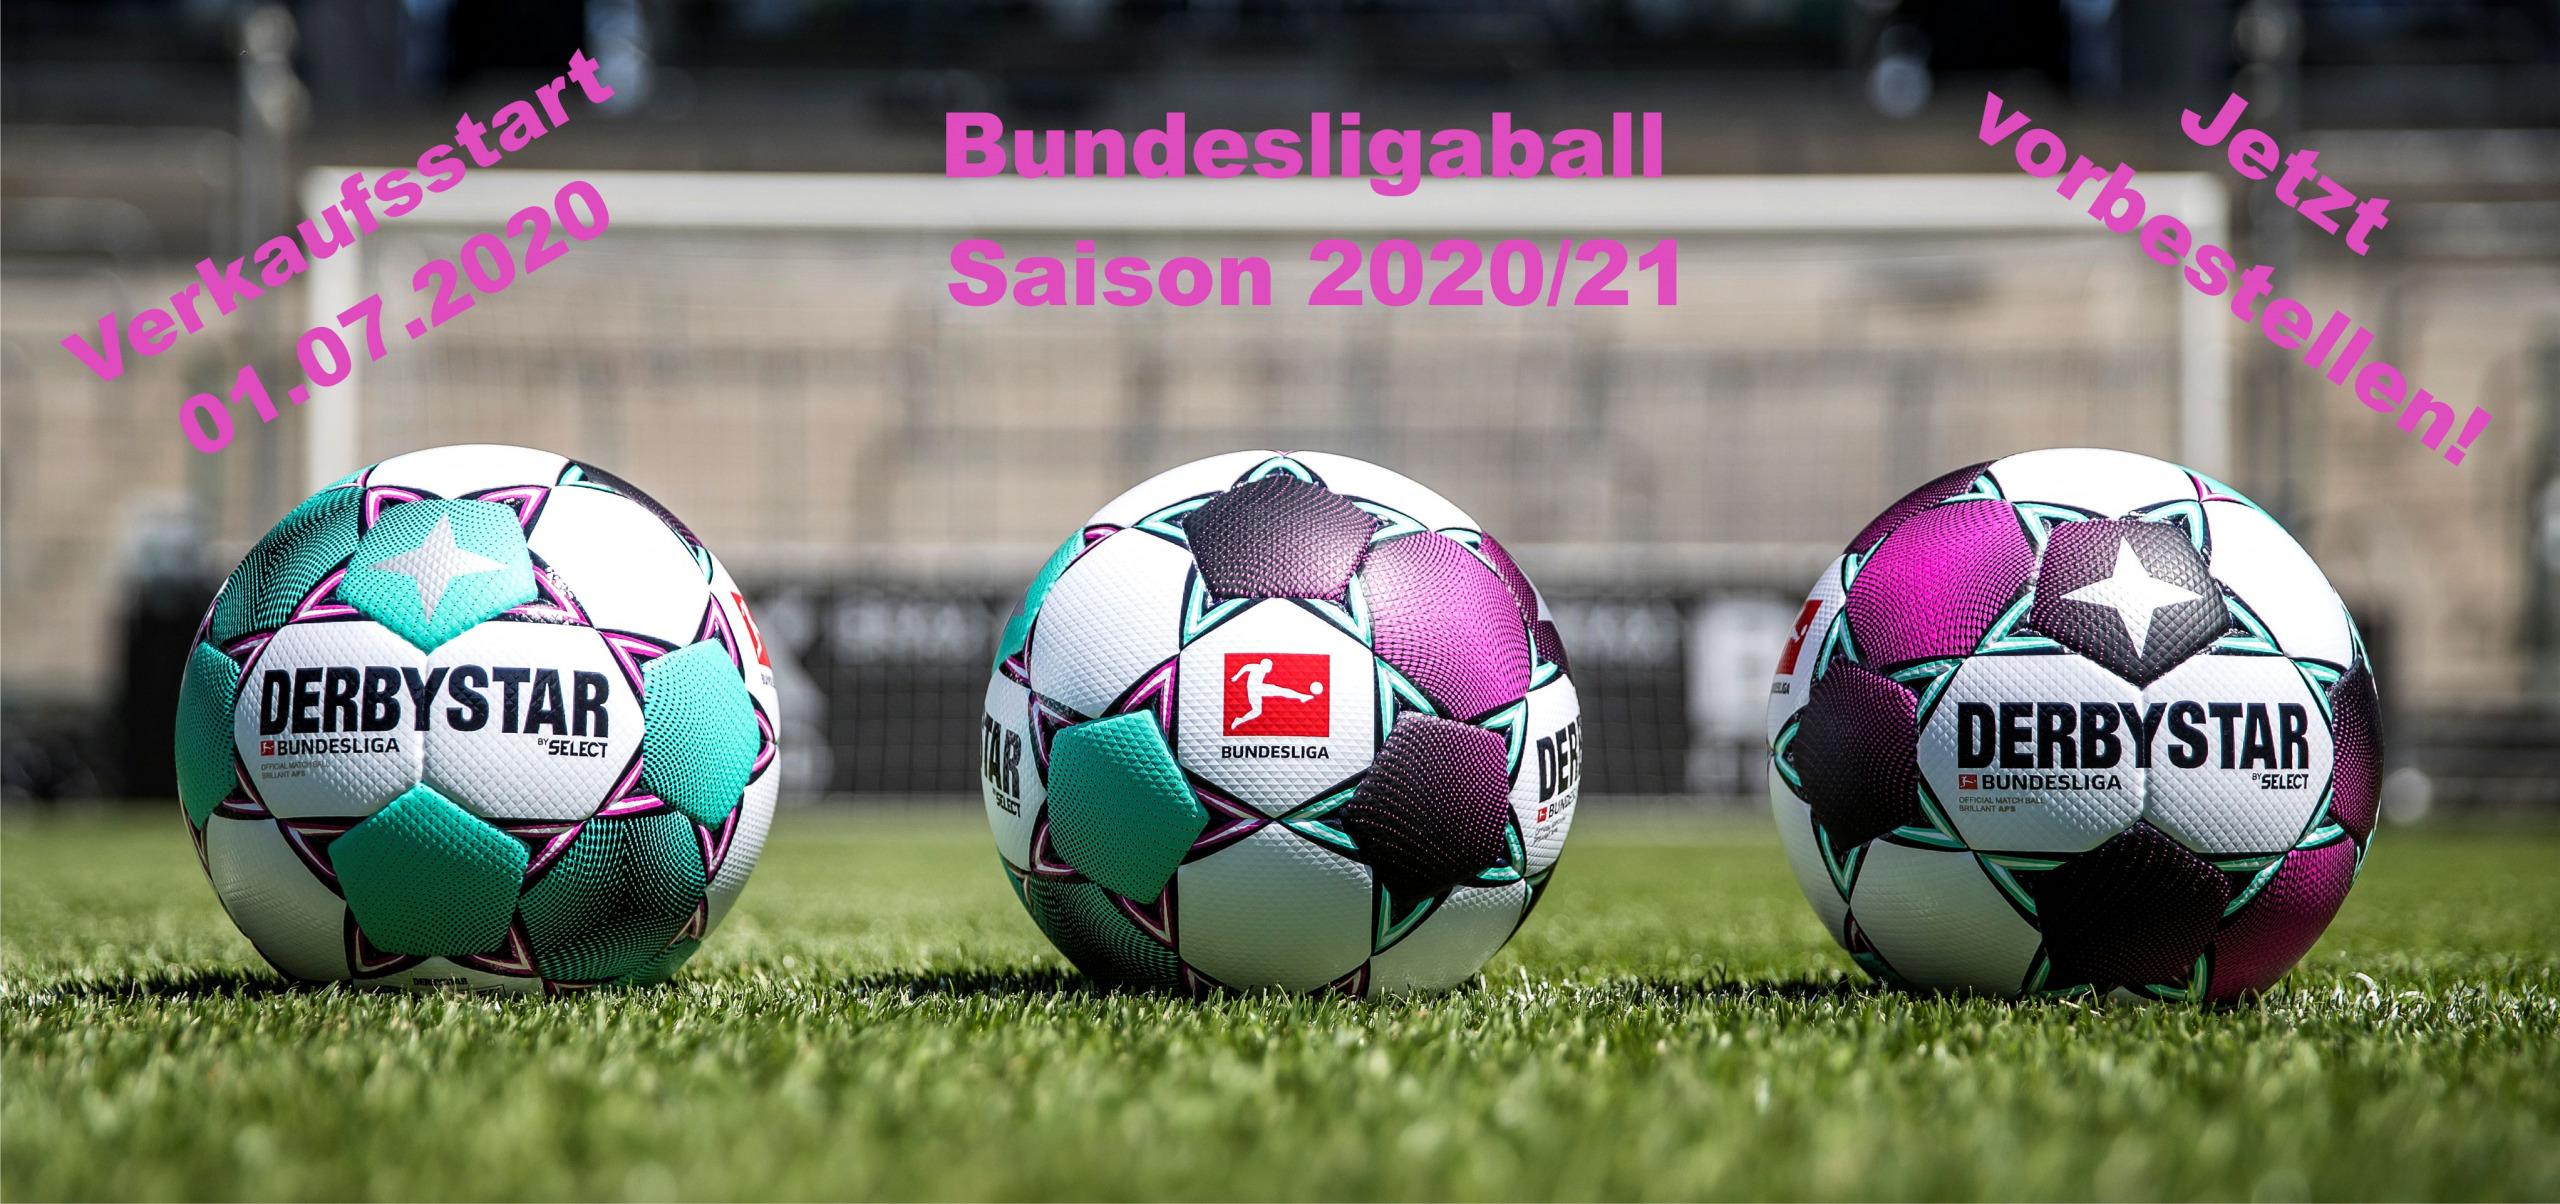 Bundesligaball 2020/21